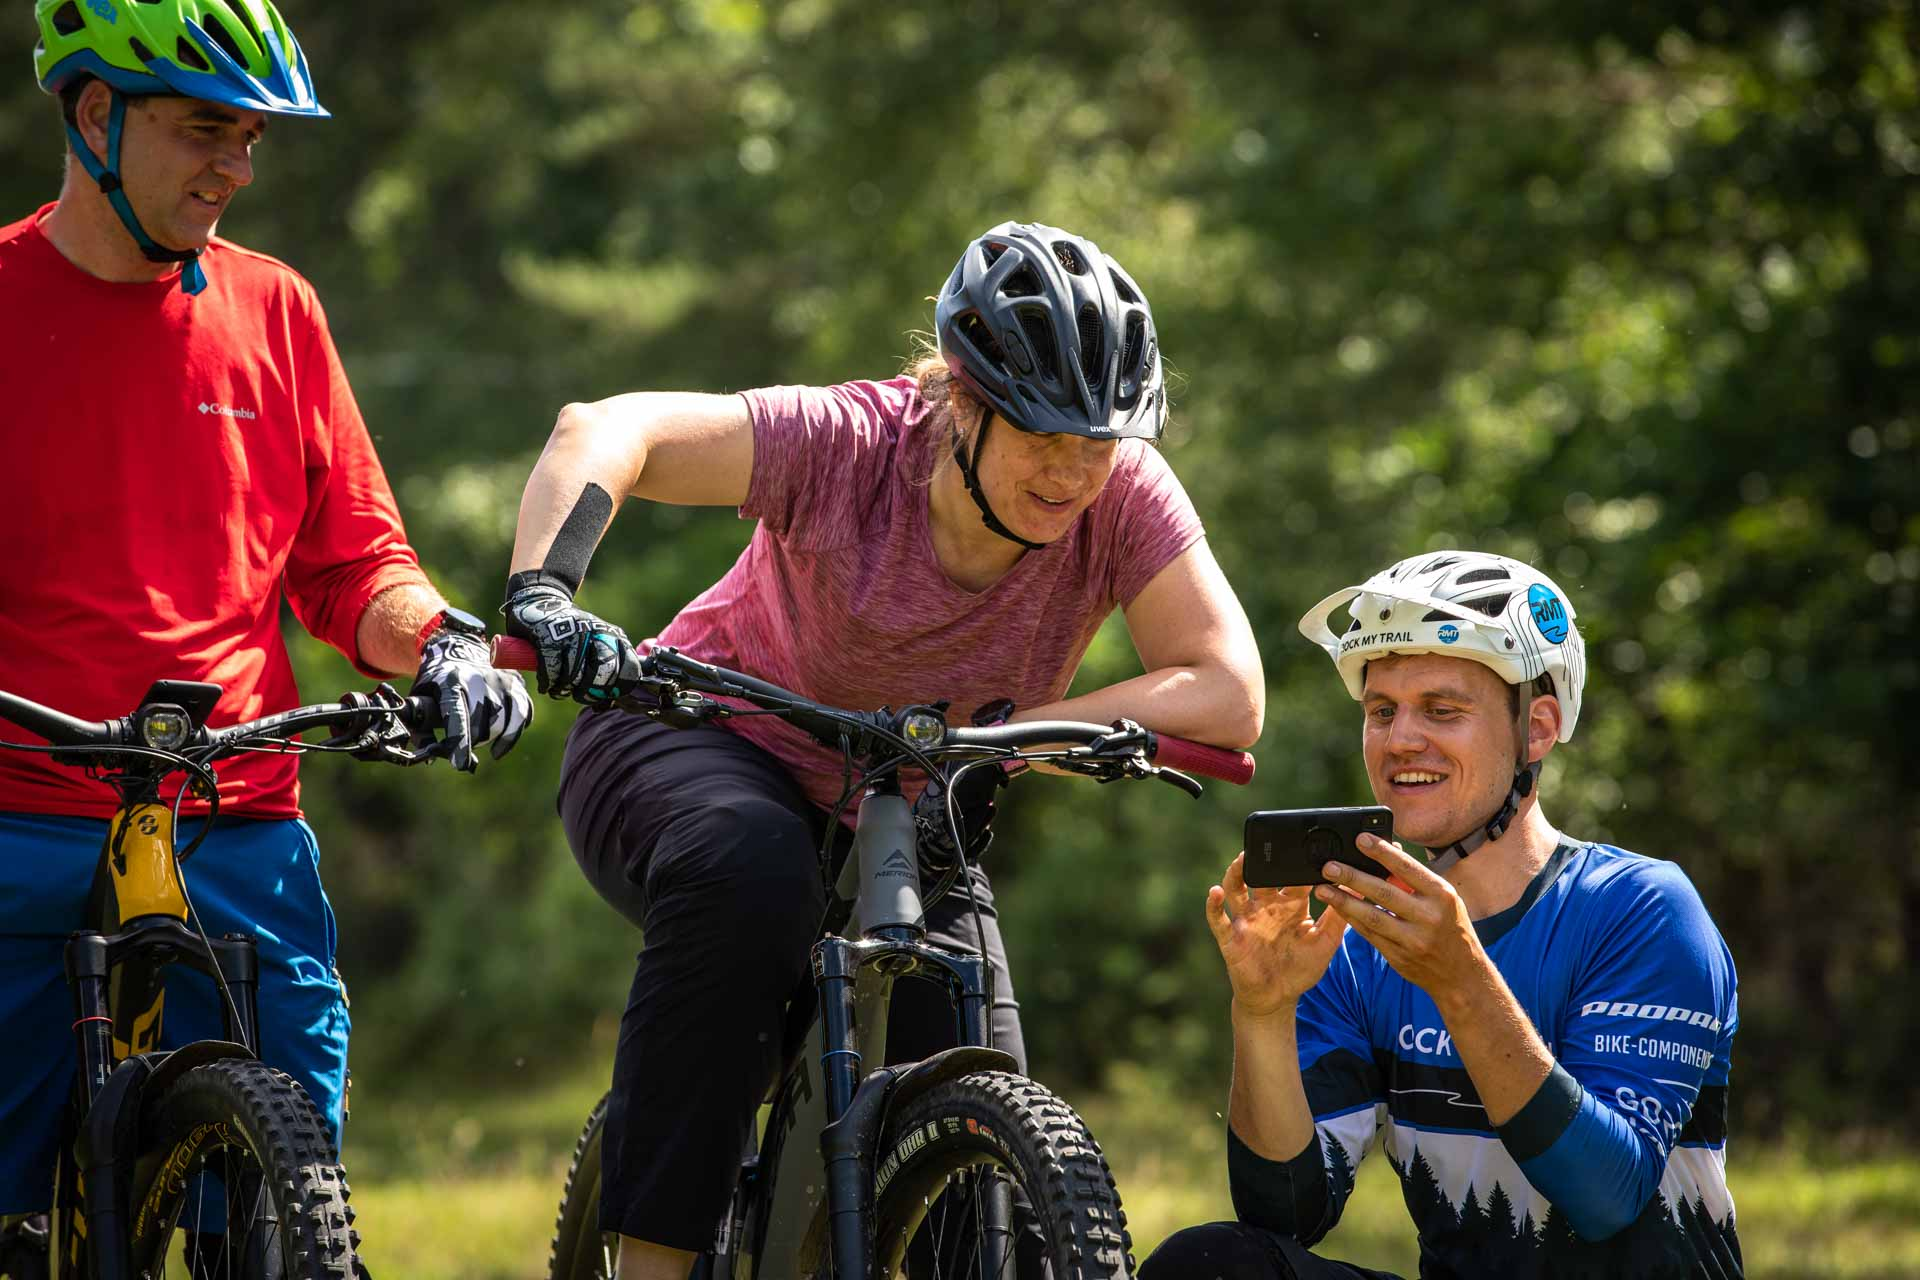 eMTB Fortgeschritten Fahrtechnik Kurs in Bad Orb Spessart - Rock my Trail Bikeschule - 14